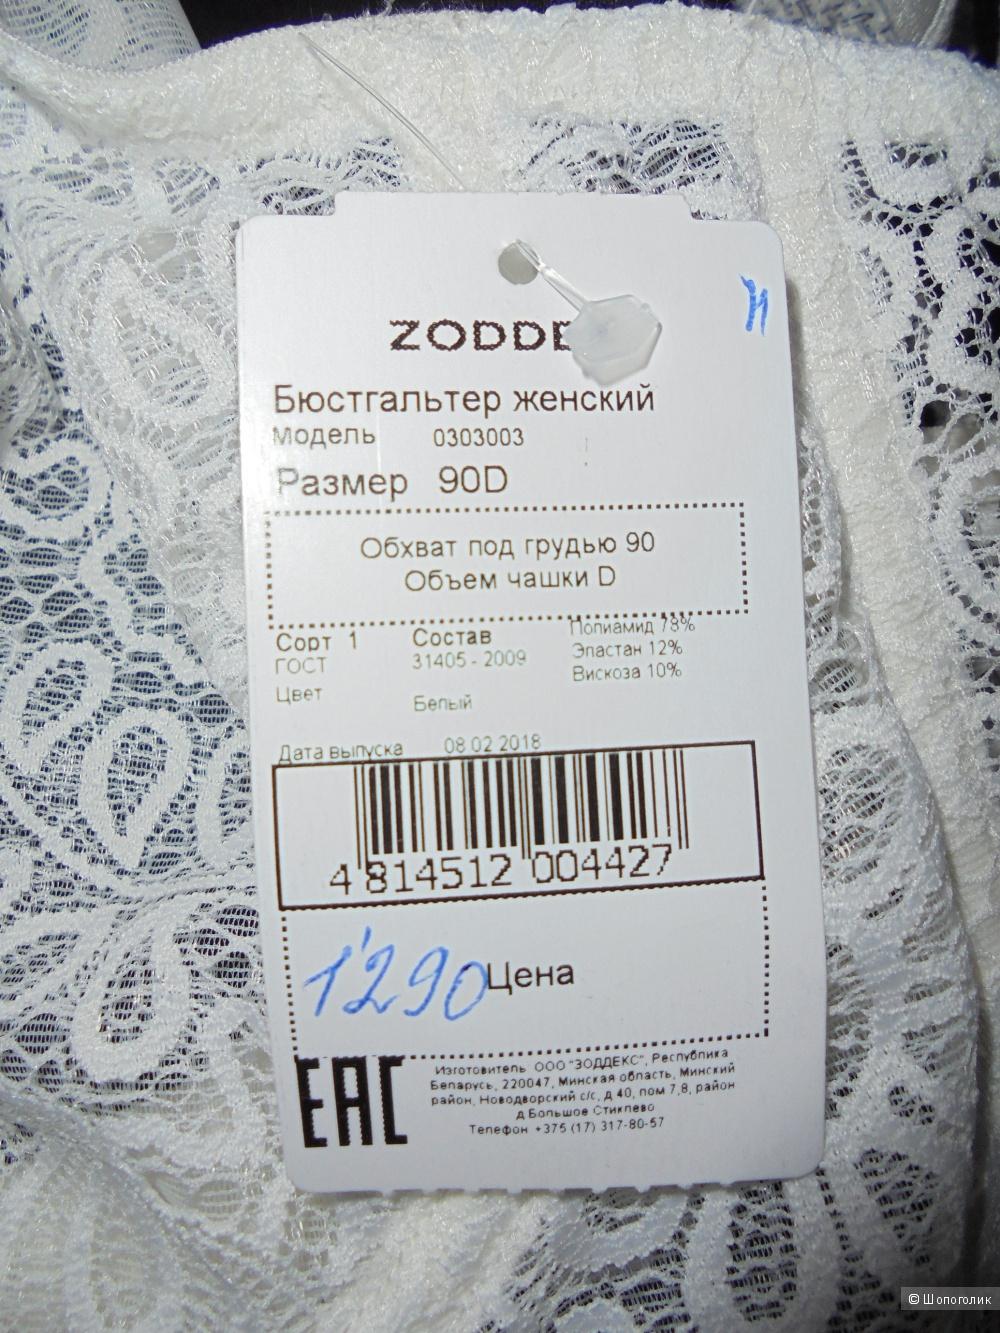 Бра с косточками, Zoddex, 90D